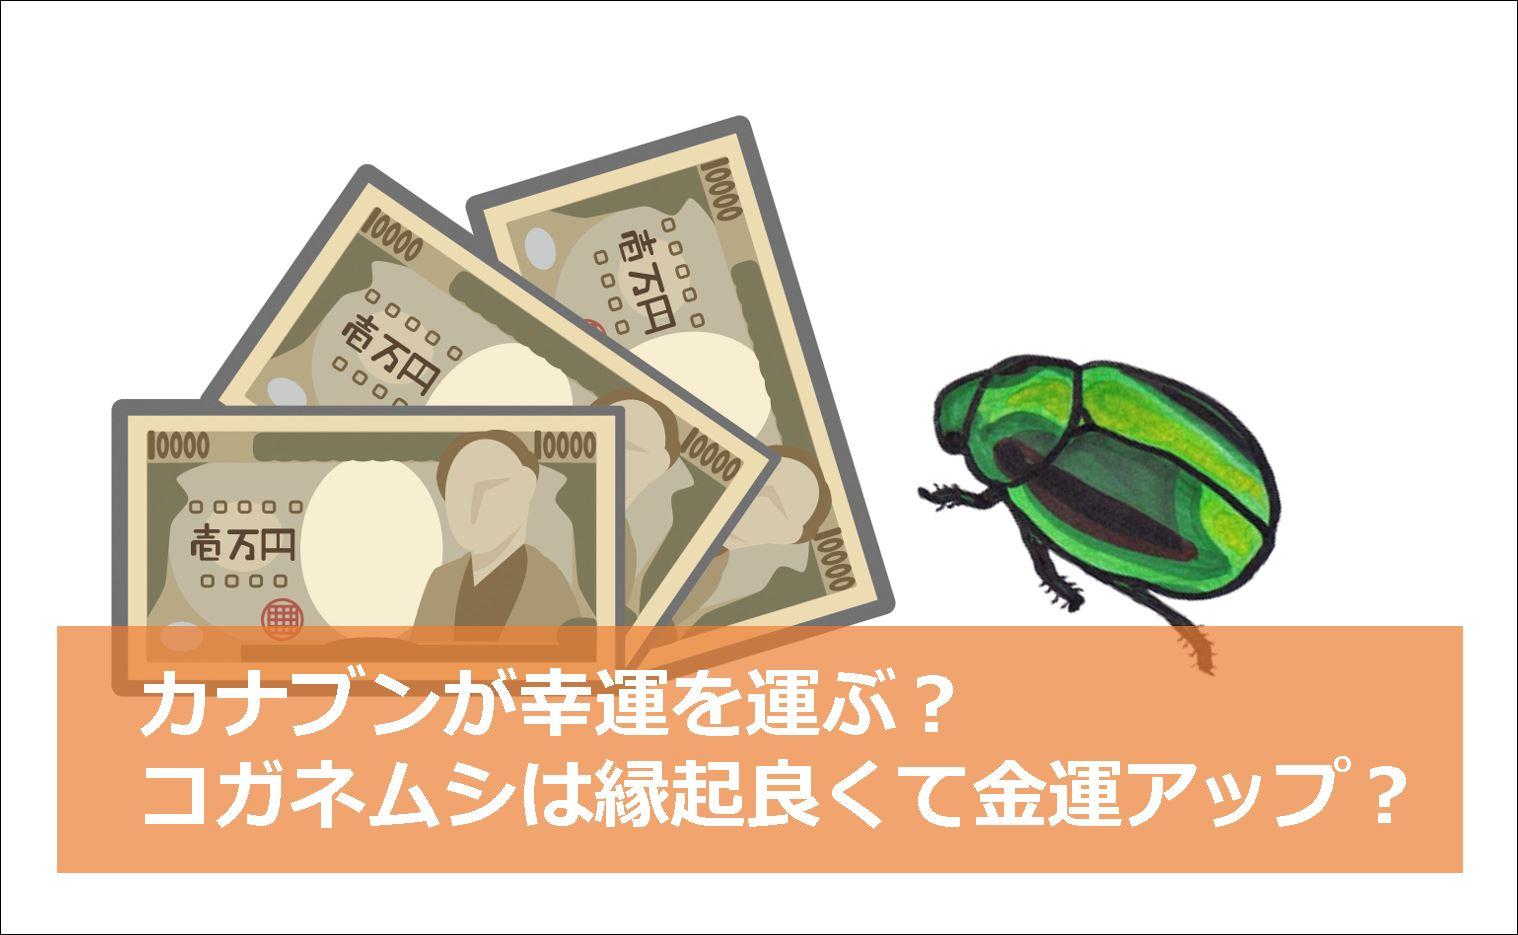 退治 カナブン 有効なコガネムシの駆除方法とは?成虫だけでなく幼虫にもご注意を! 生活110番ニュース